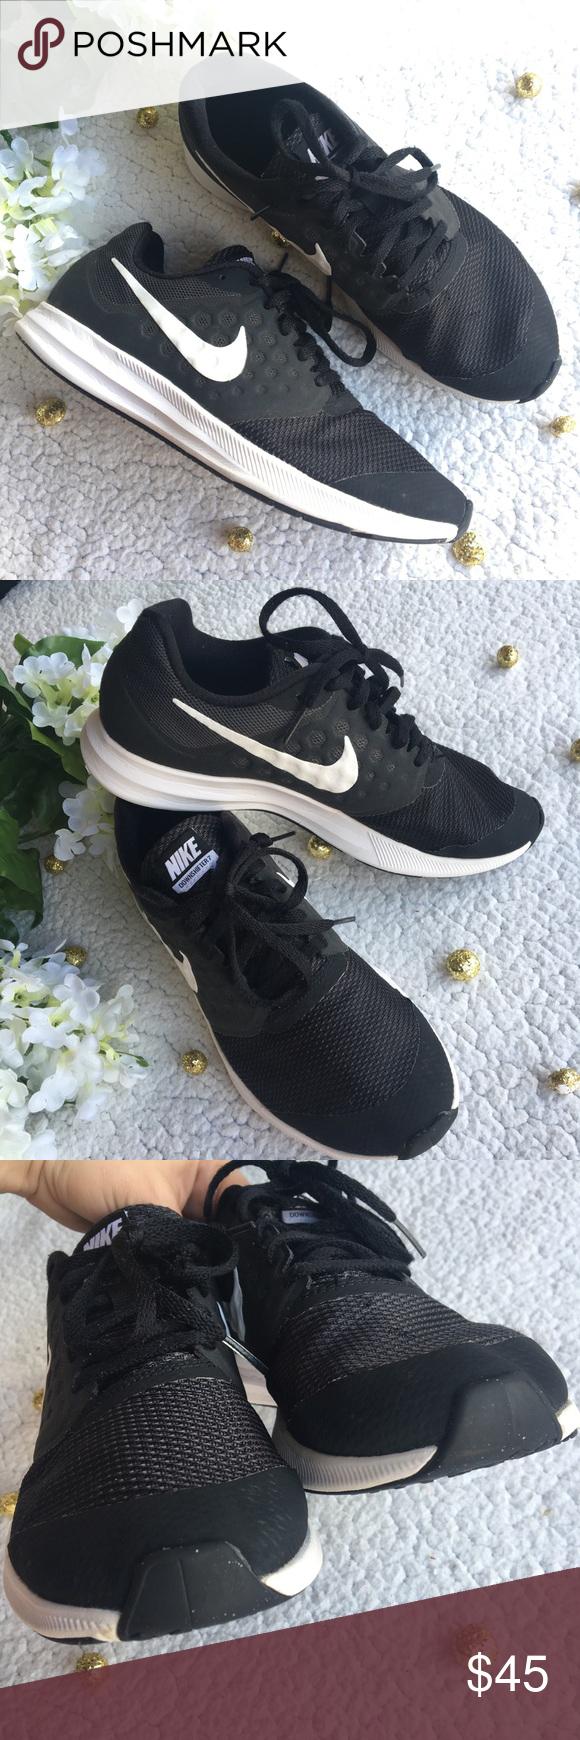 c4099db6b5b9 Nike - Downshifter 7 Running Athletic Shoes Nike - Downshifter 7 Running  Shoes —Size